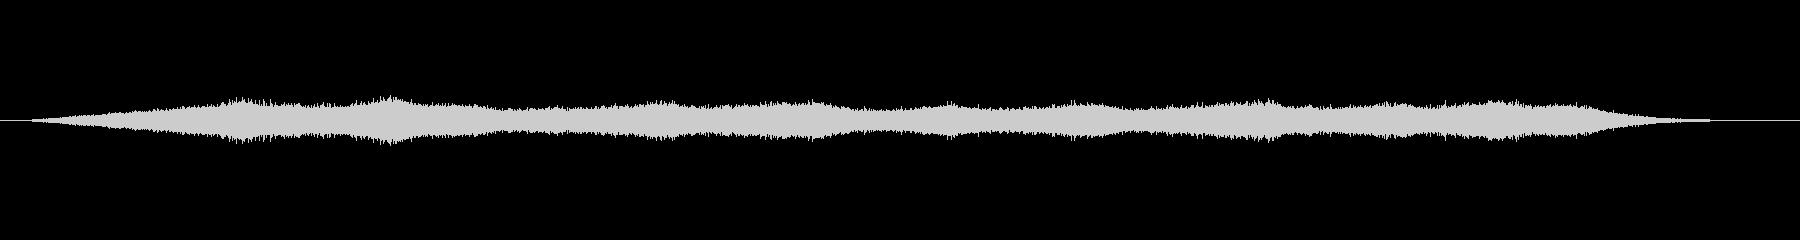 穏やかな波の音(ロングバージョン)の未再生の波形